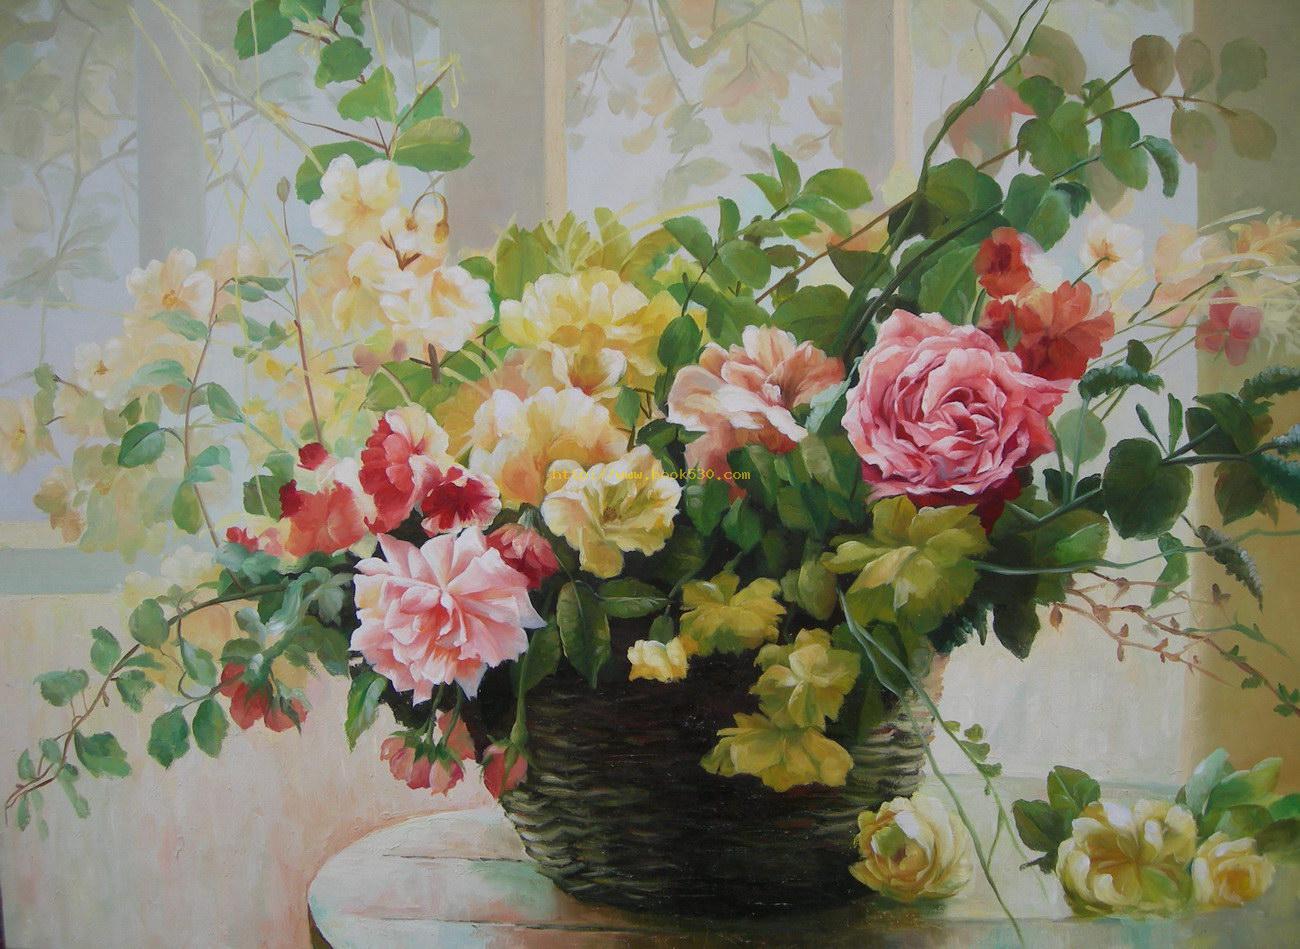 لوحات فنية تحكي عن الطبيعة 48691